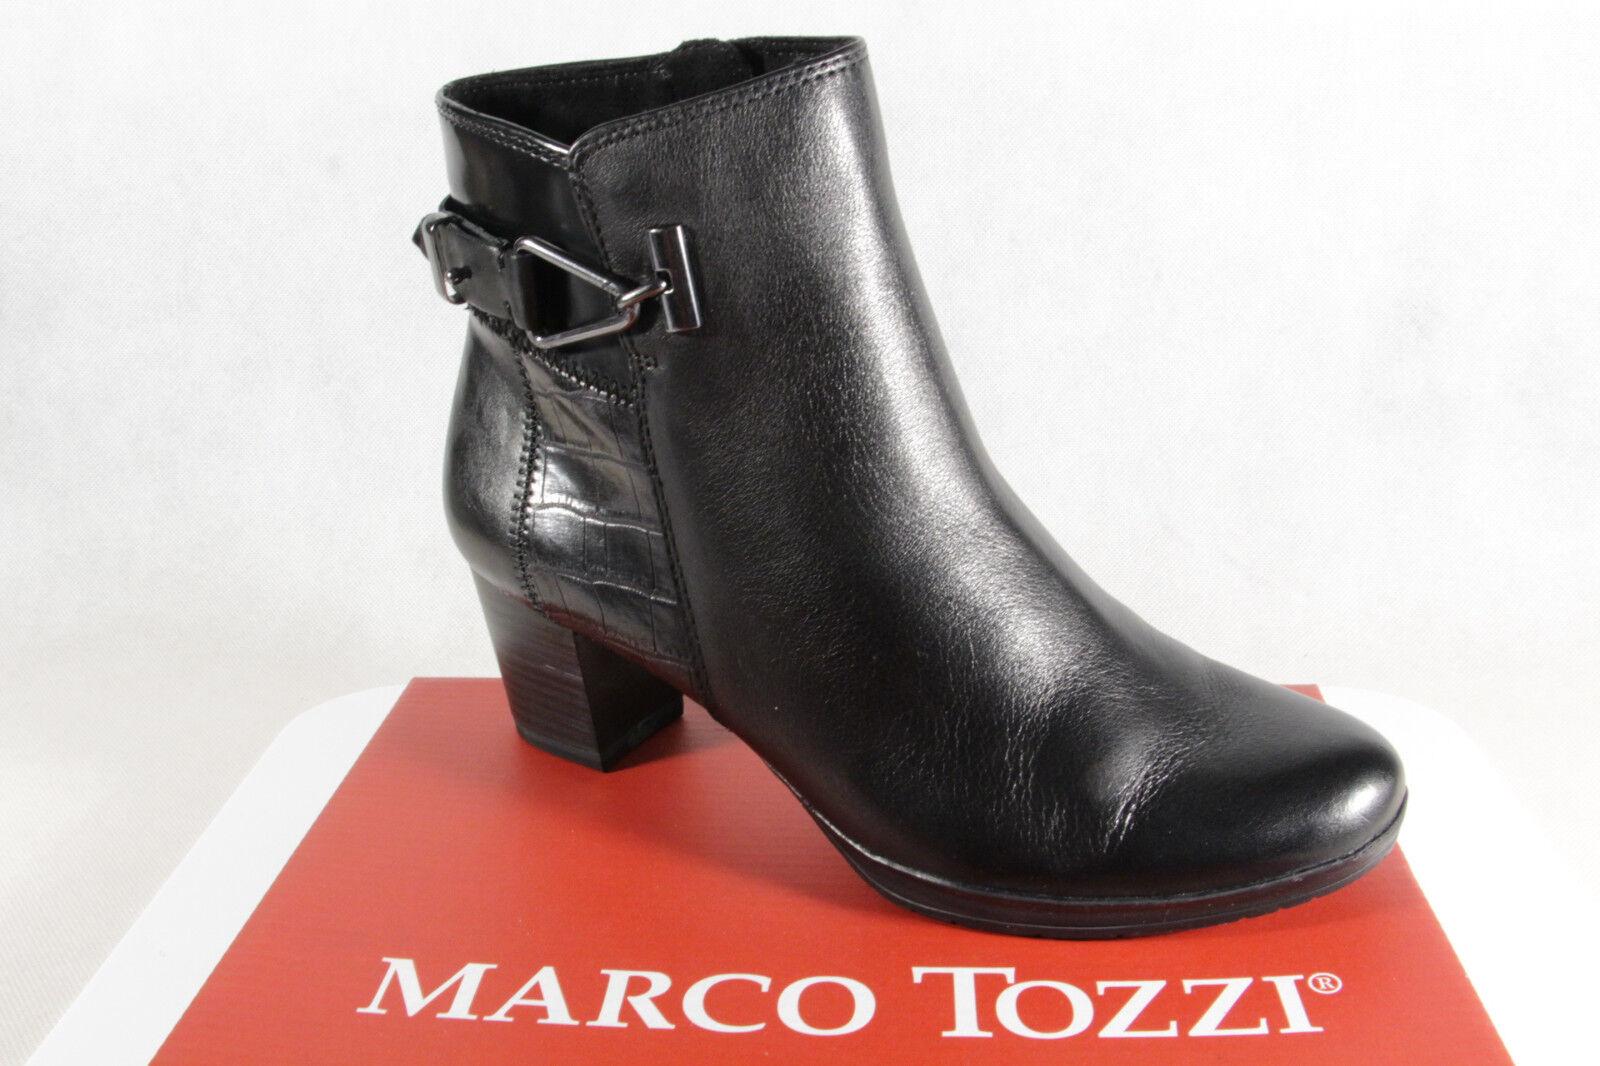 Tiempo limitado negro, especial Marco Tozzi Botines, negro, limitado cuero 25385 NUEVO 9c953f